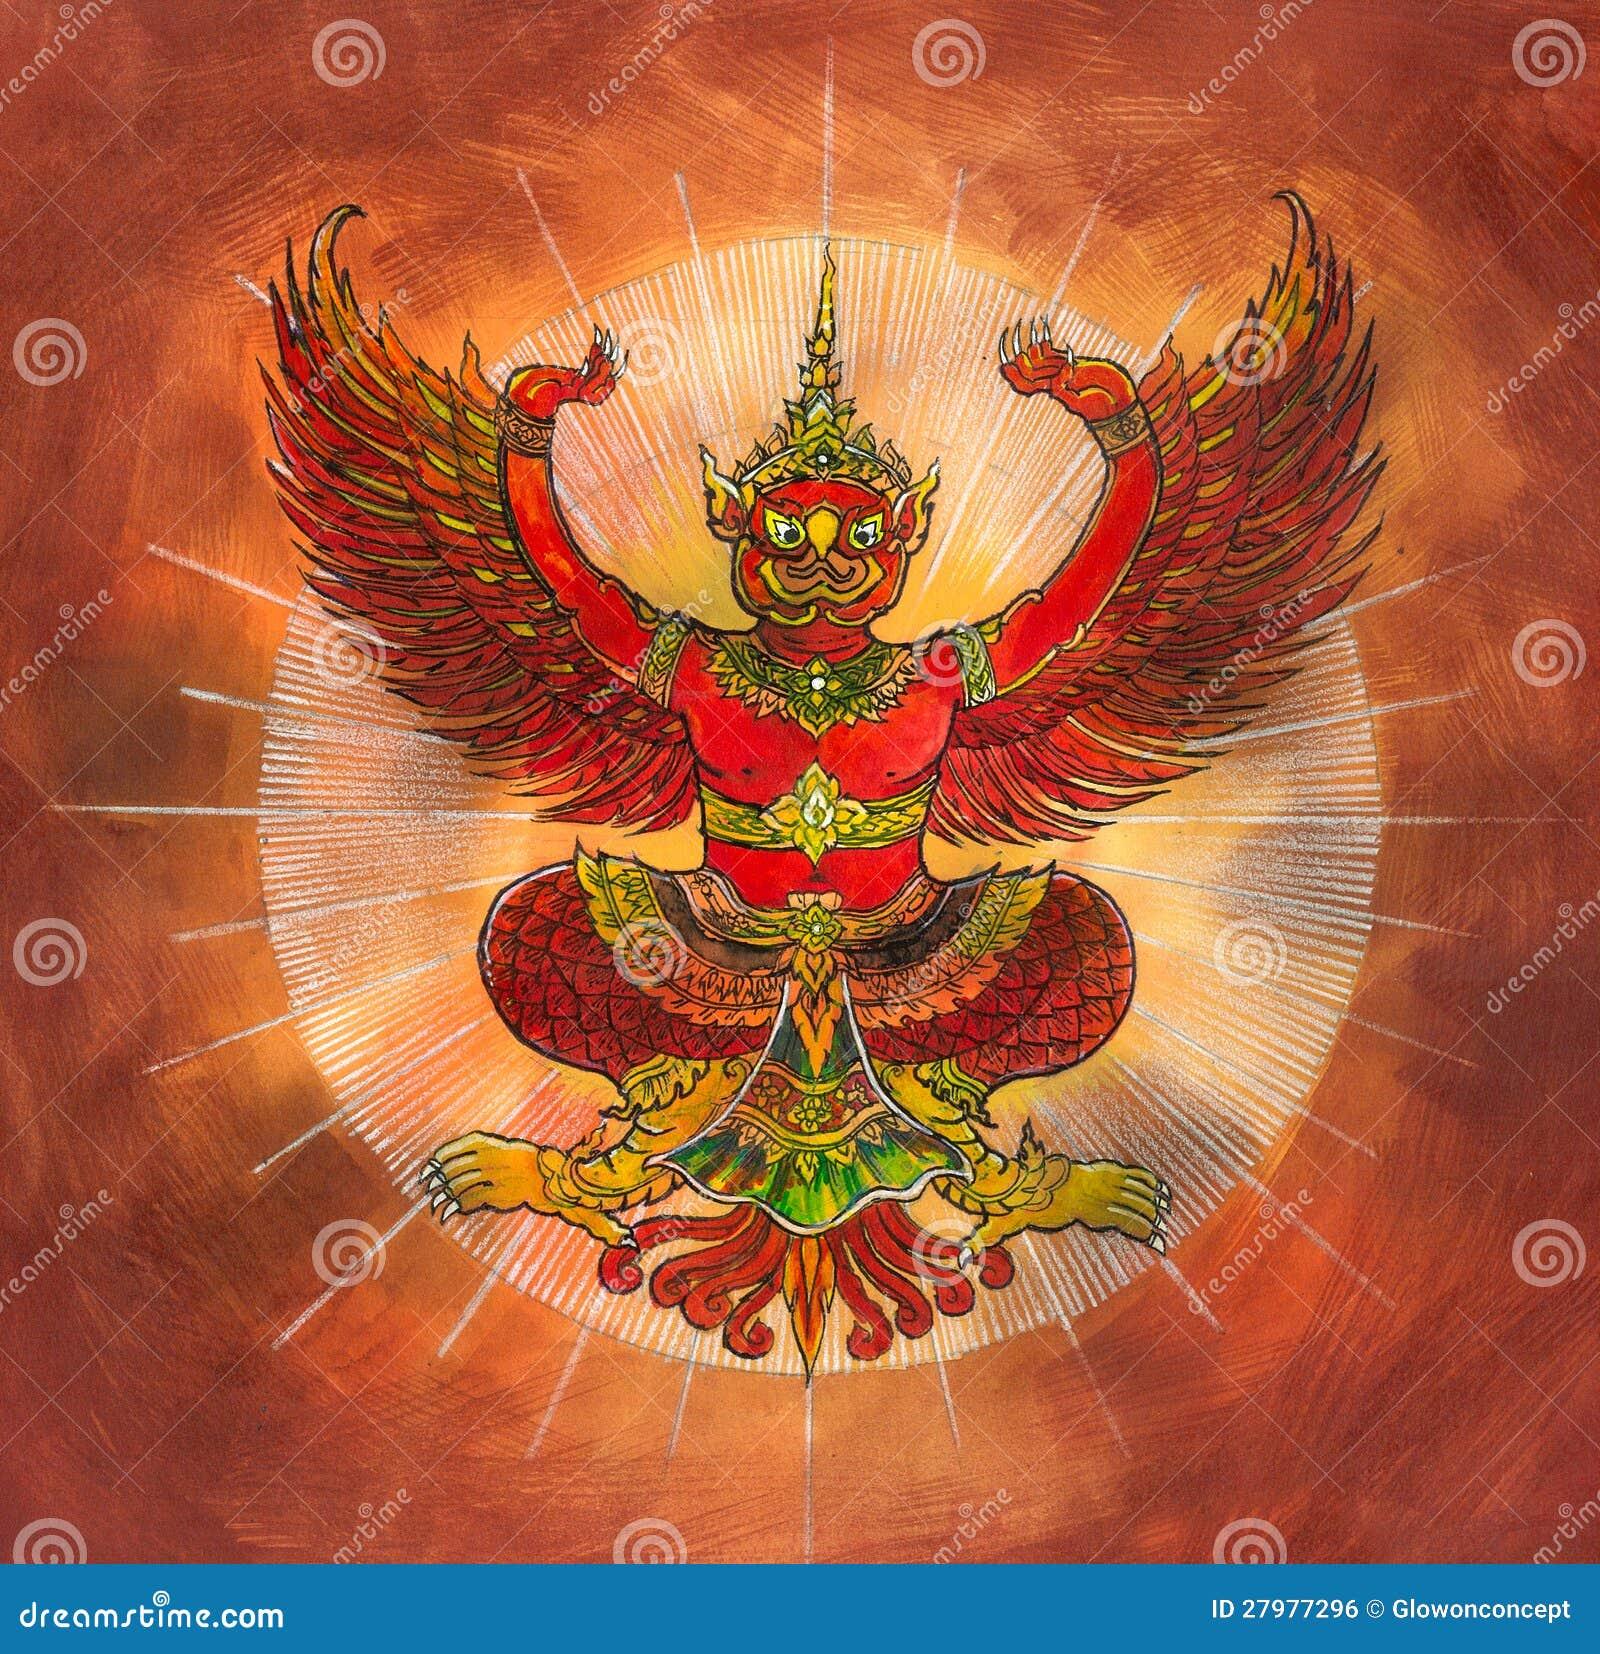 garuda  thai mythology eagle or bird stock illustration